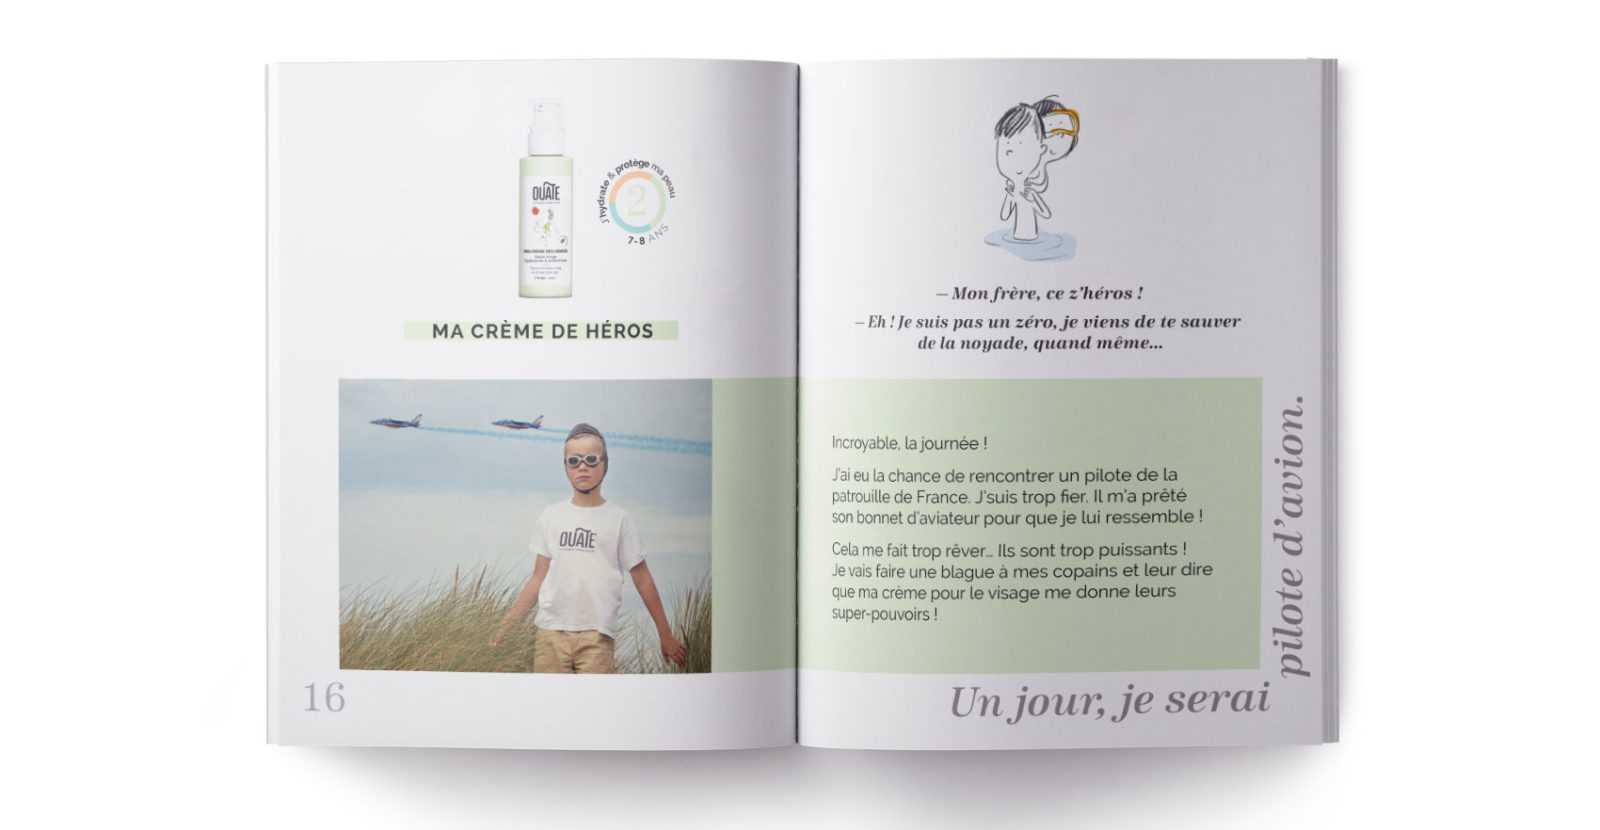 OUATE, référence client de L'HIRONDELLE agence de communication parisienne